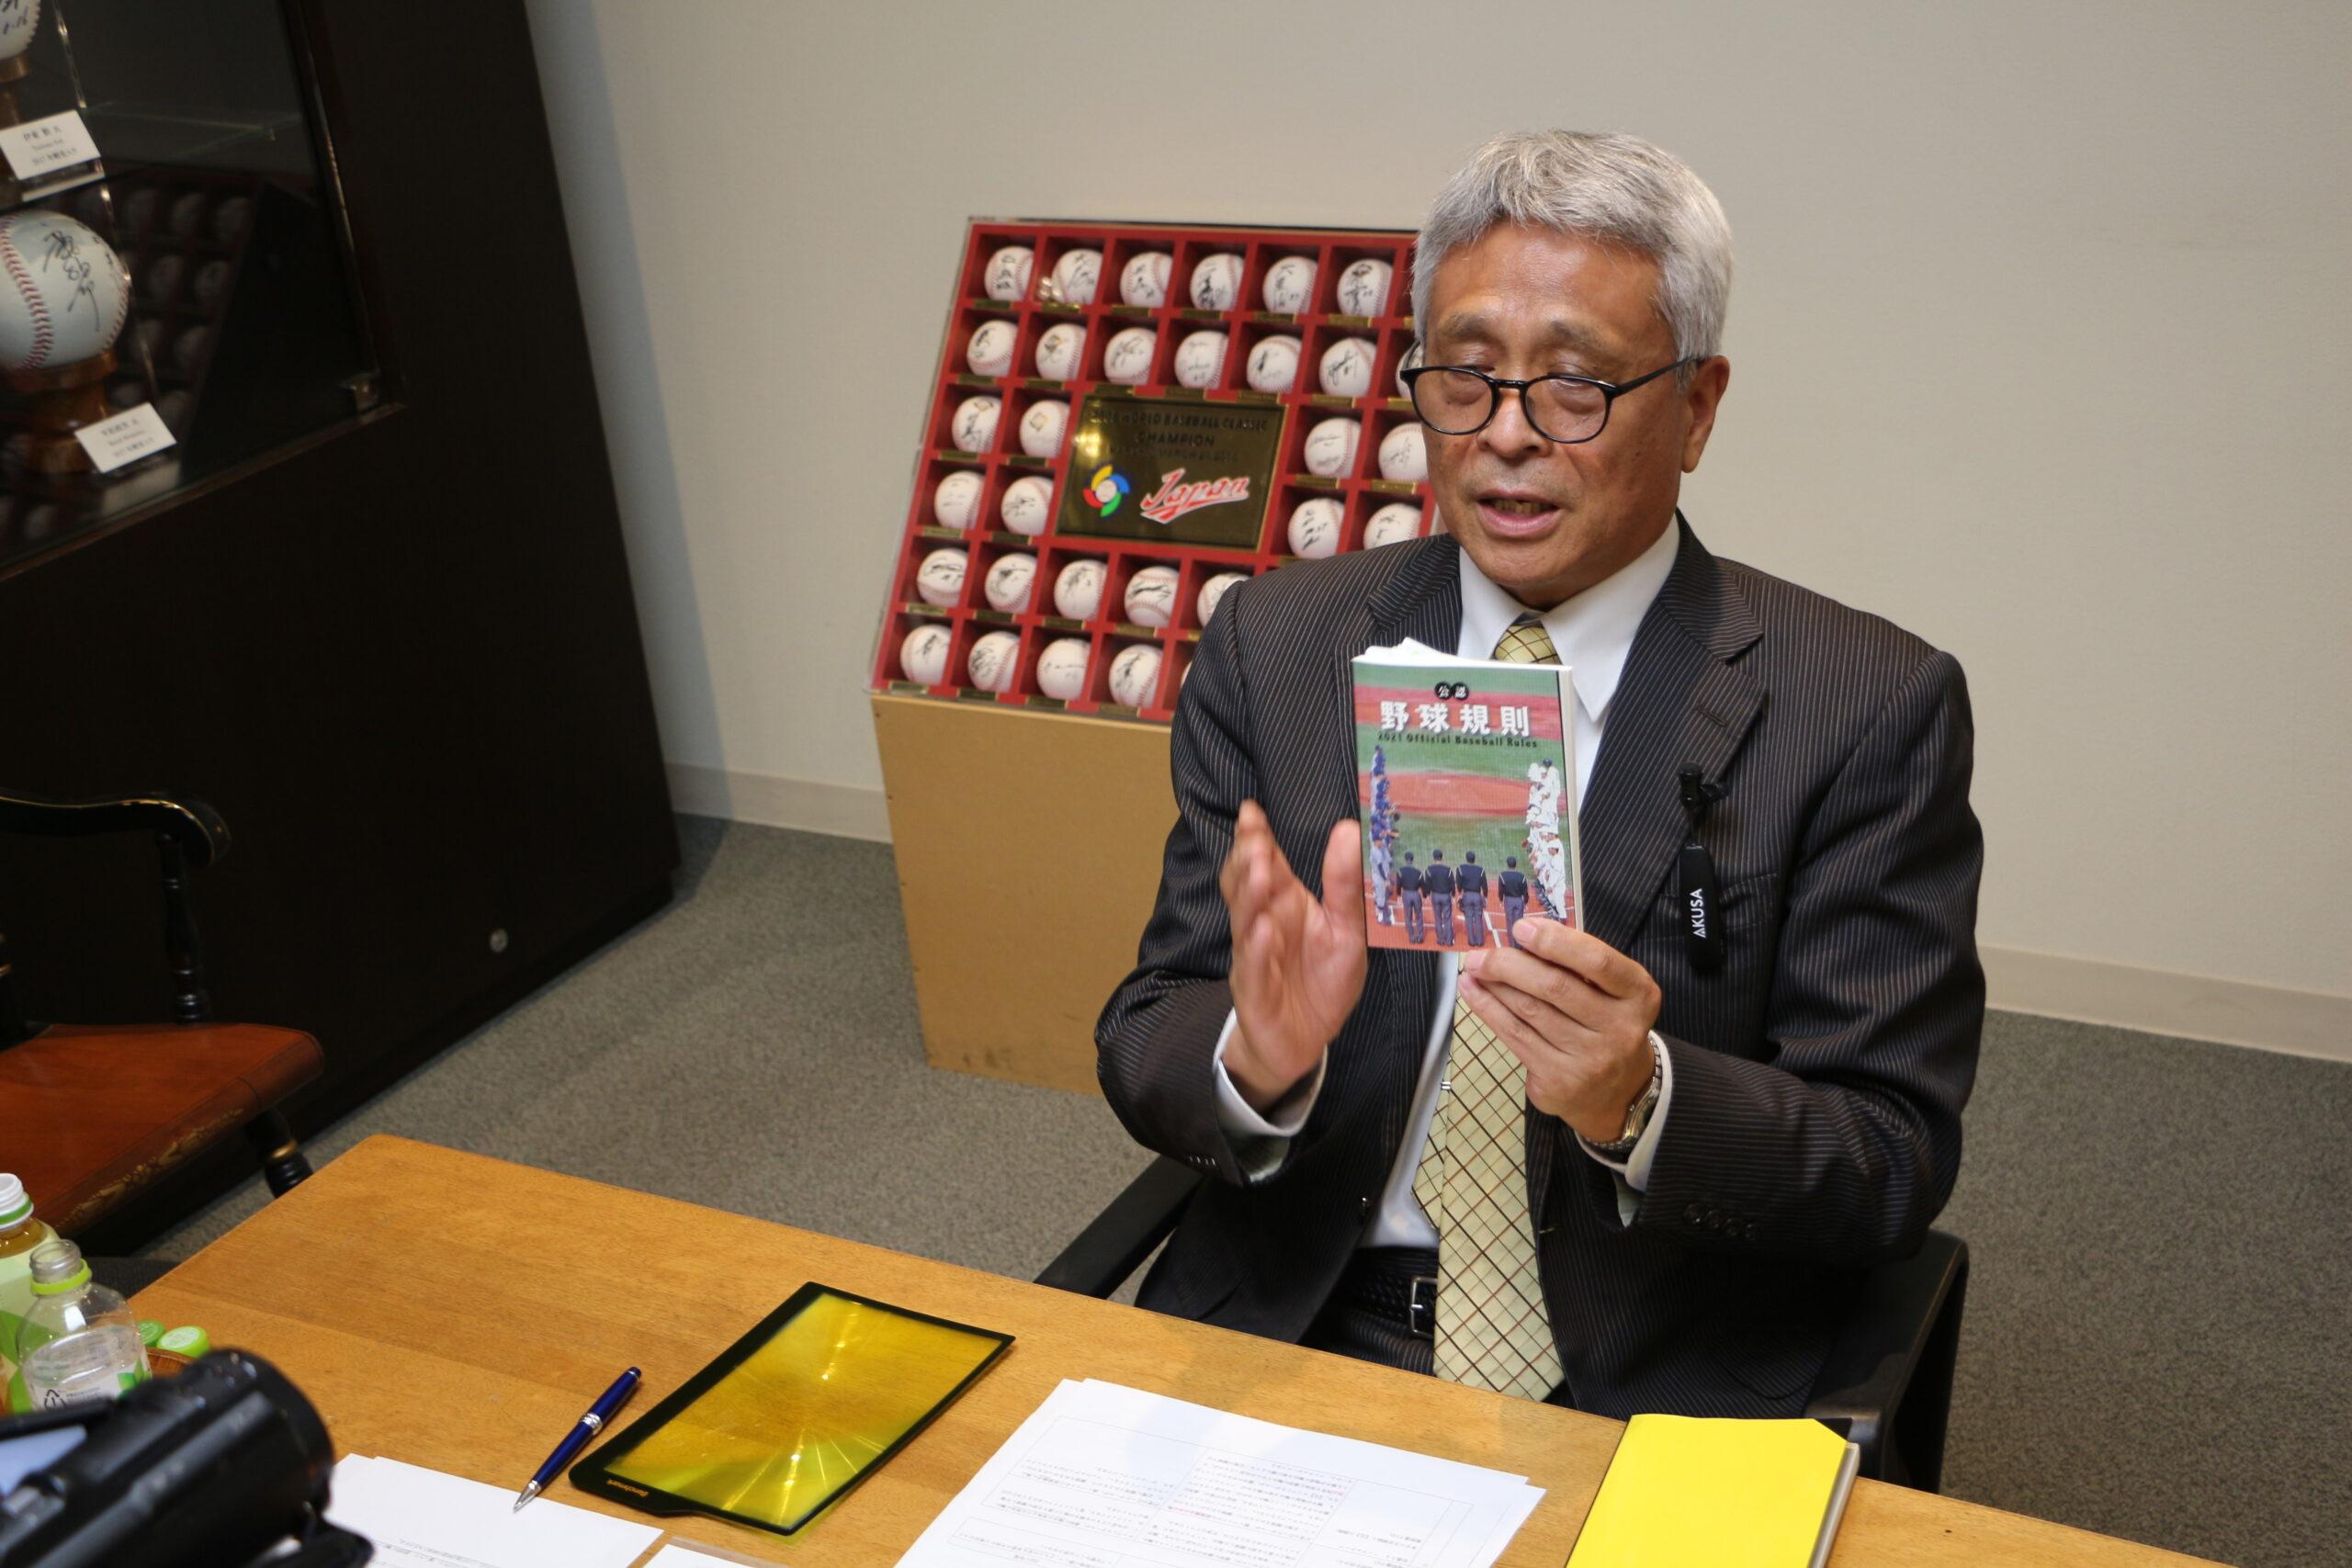 開幕記念オンラインイベント「日本野球規則委員が語る2021年の野球規則改正」